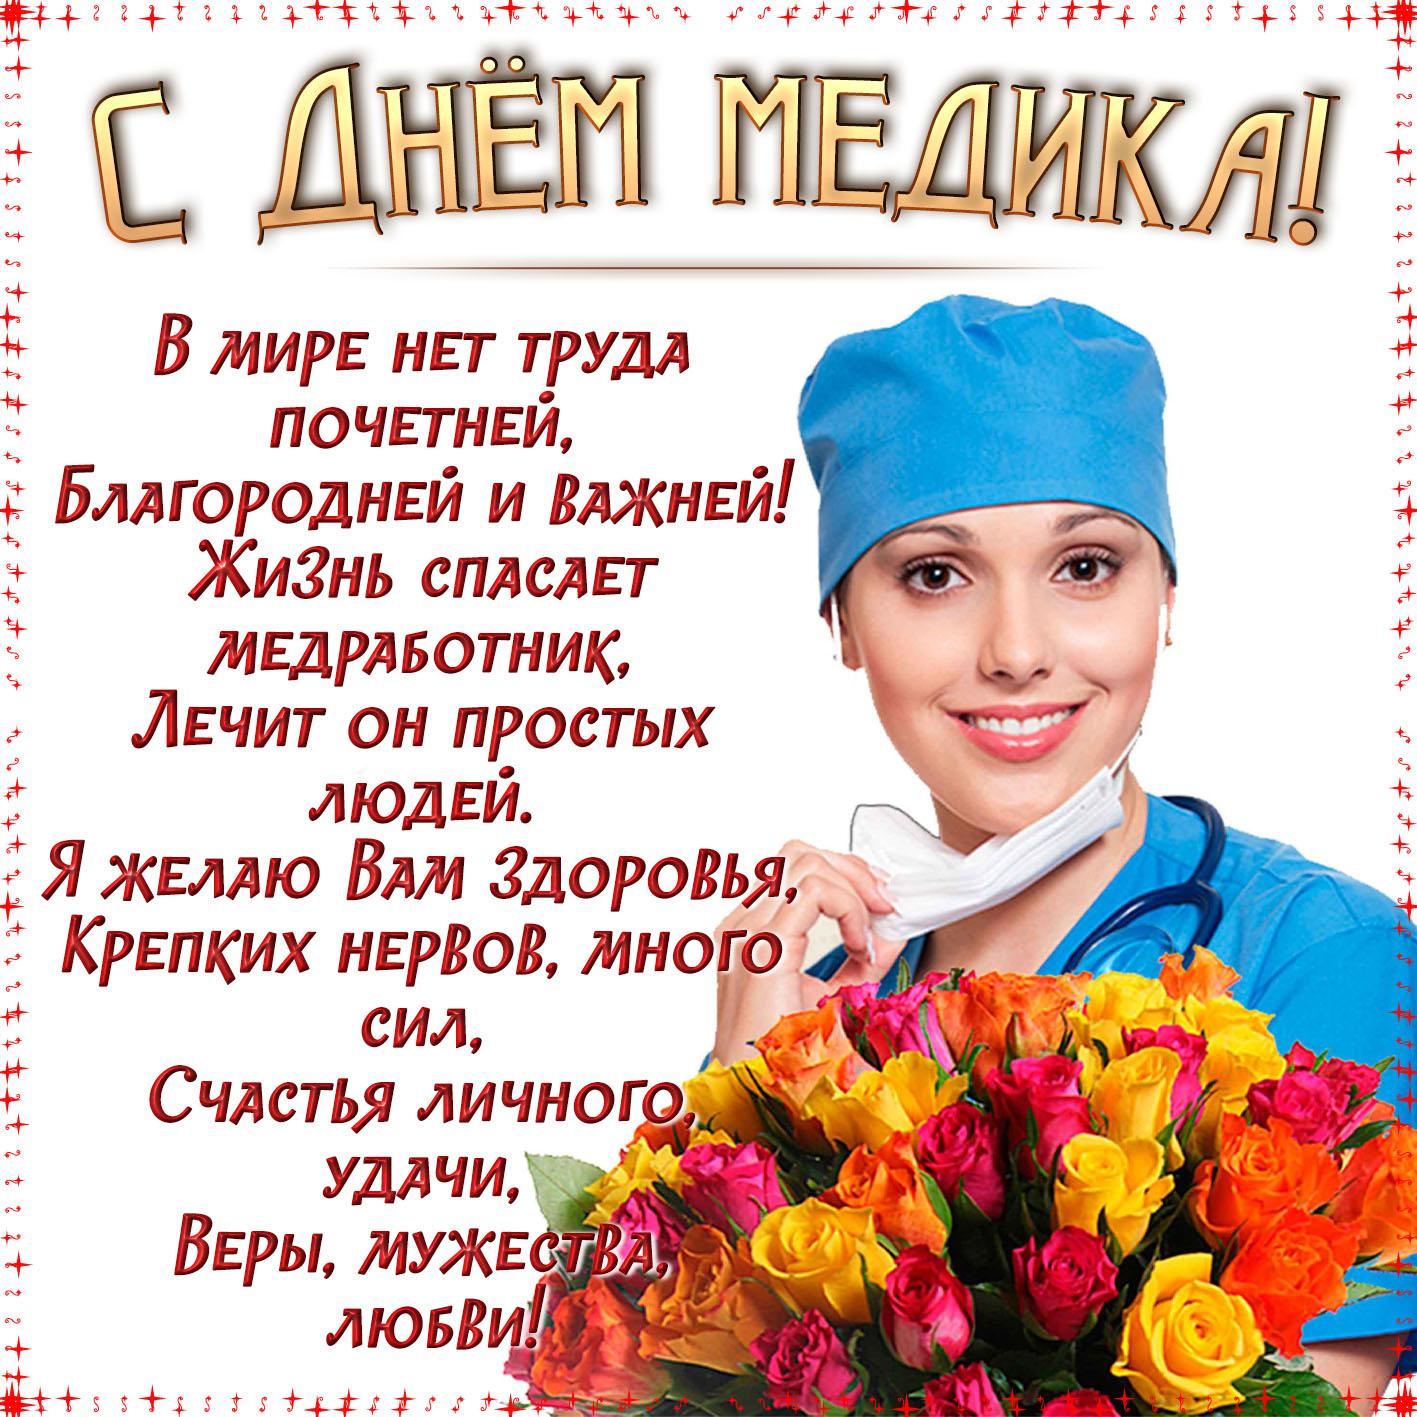 День медиков поздравления в картинках